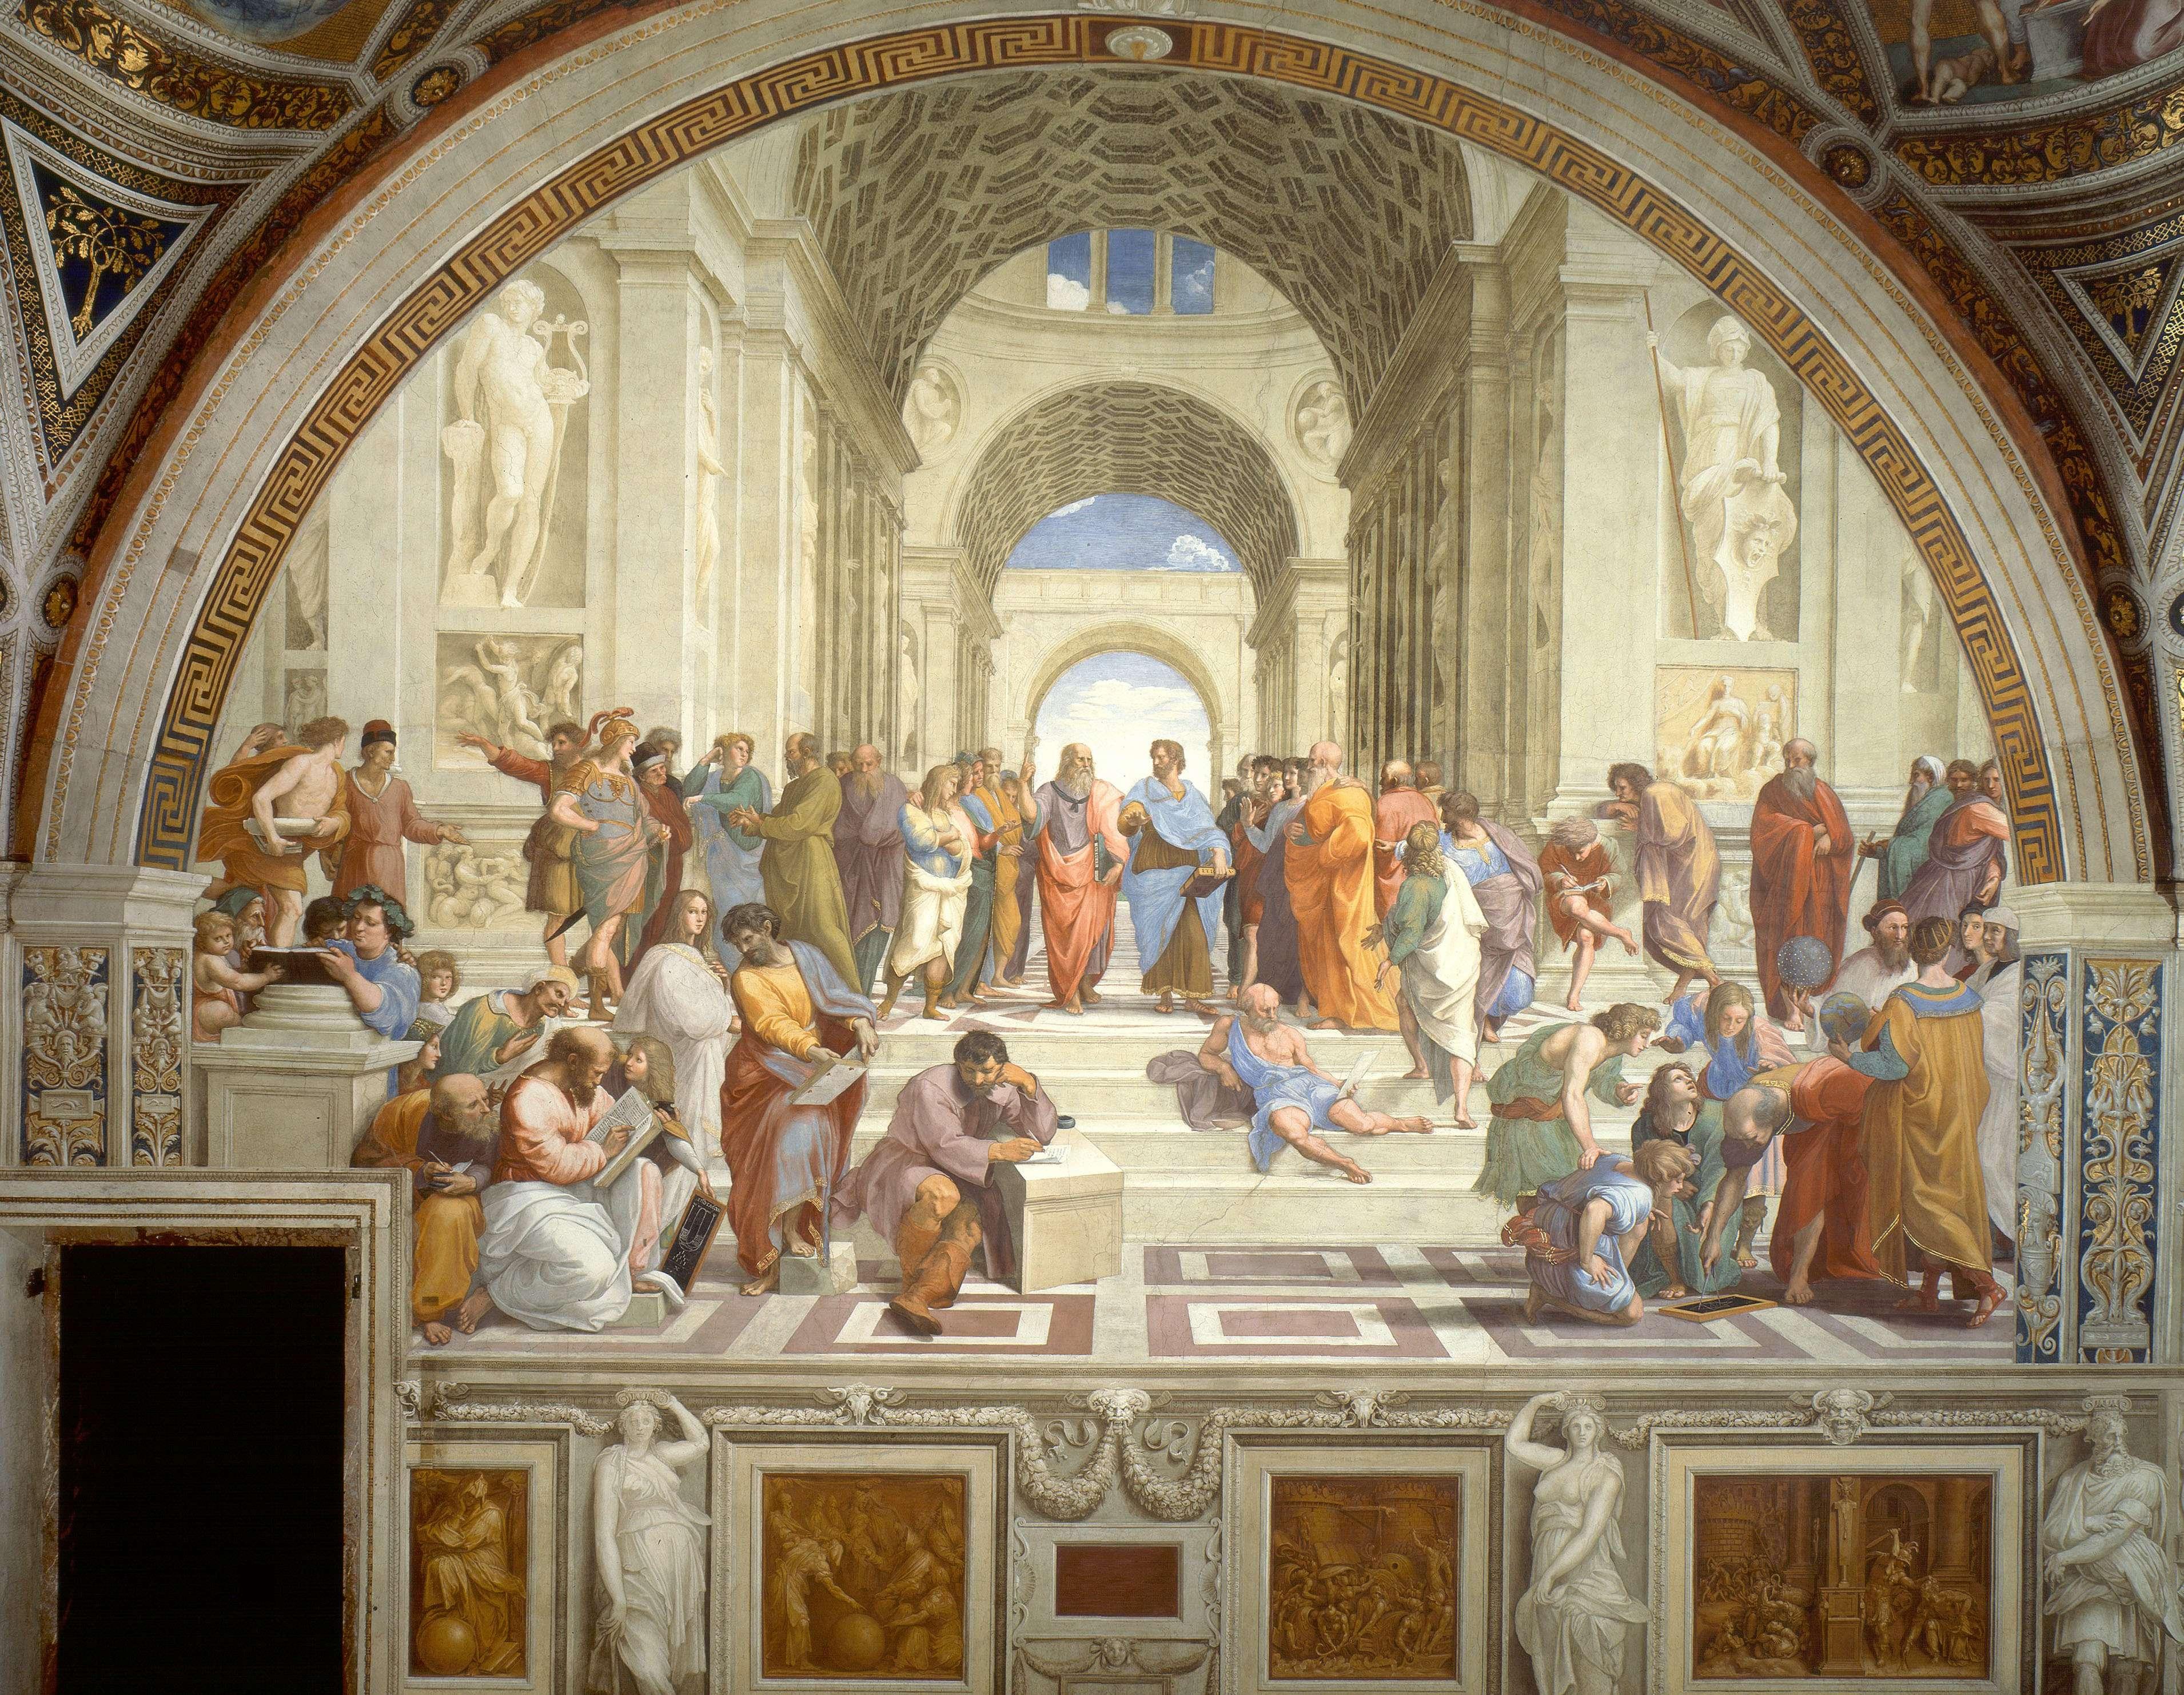 Η Σχολή των Αθηνών, ή Scuola di Αtene στην ιταλική γλώσσα, είναι μια από τις διασημότερες νωπογραφίες του Ιταλού καλλιτέχνη της Αναγεννησιακής τέχνης, Ραφαήλ.